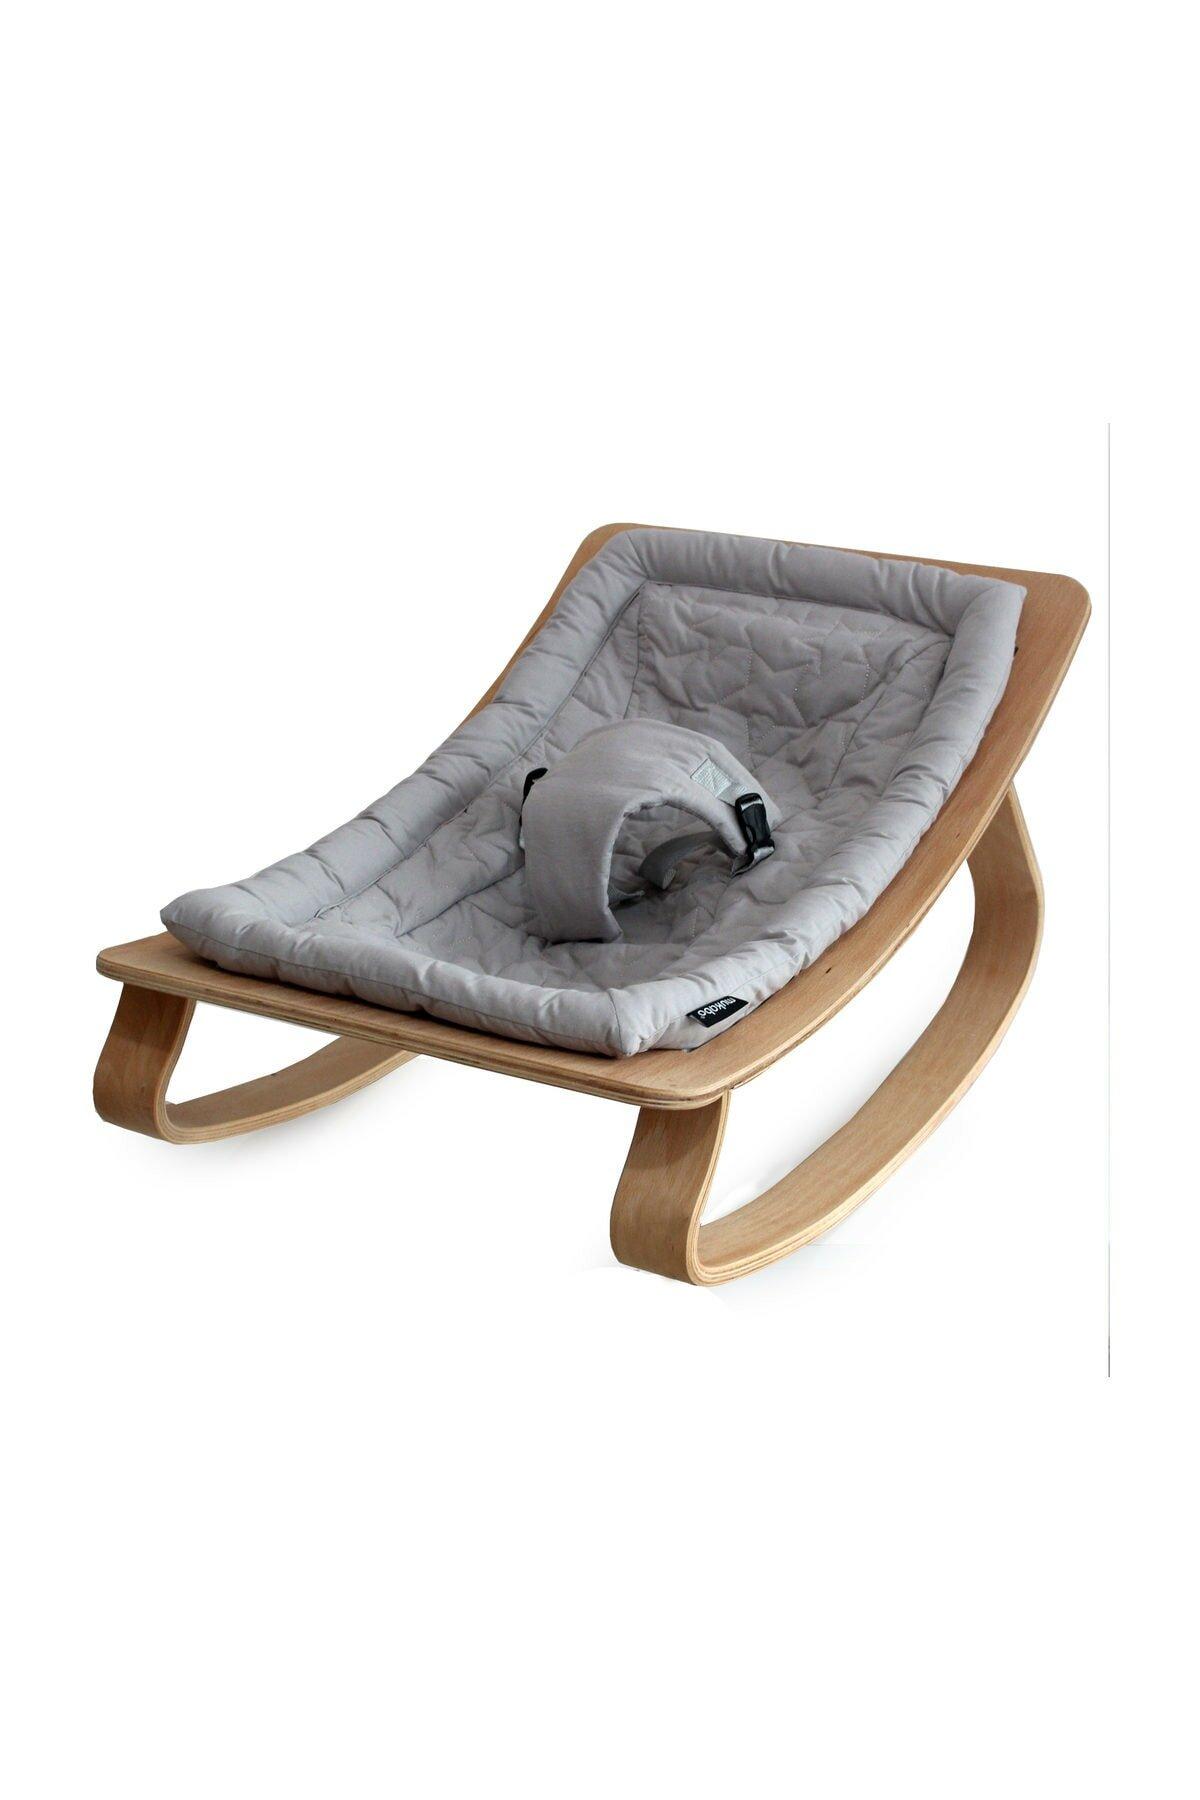 Кроватка-качалка из натурального дерева для детей, подвесная кровать-качели из натурального дерева, для новорожденных, гамак для детской ко...